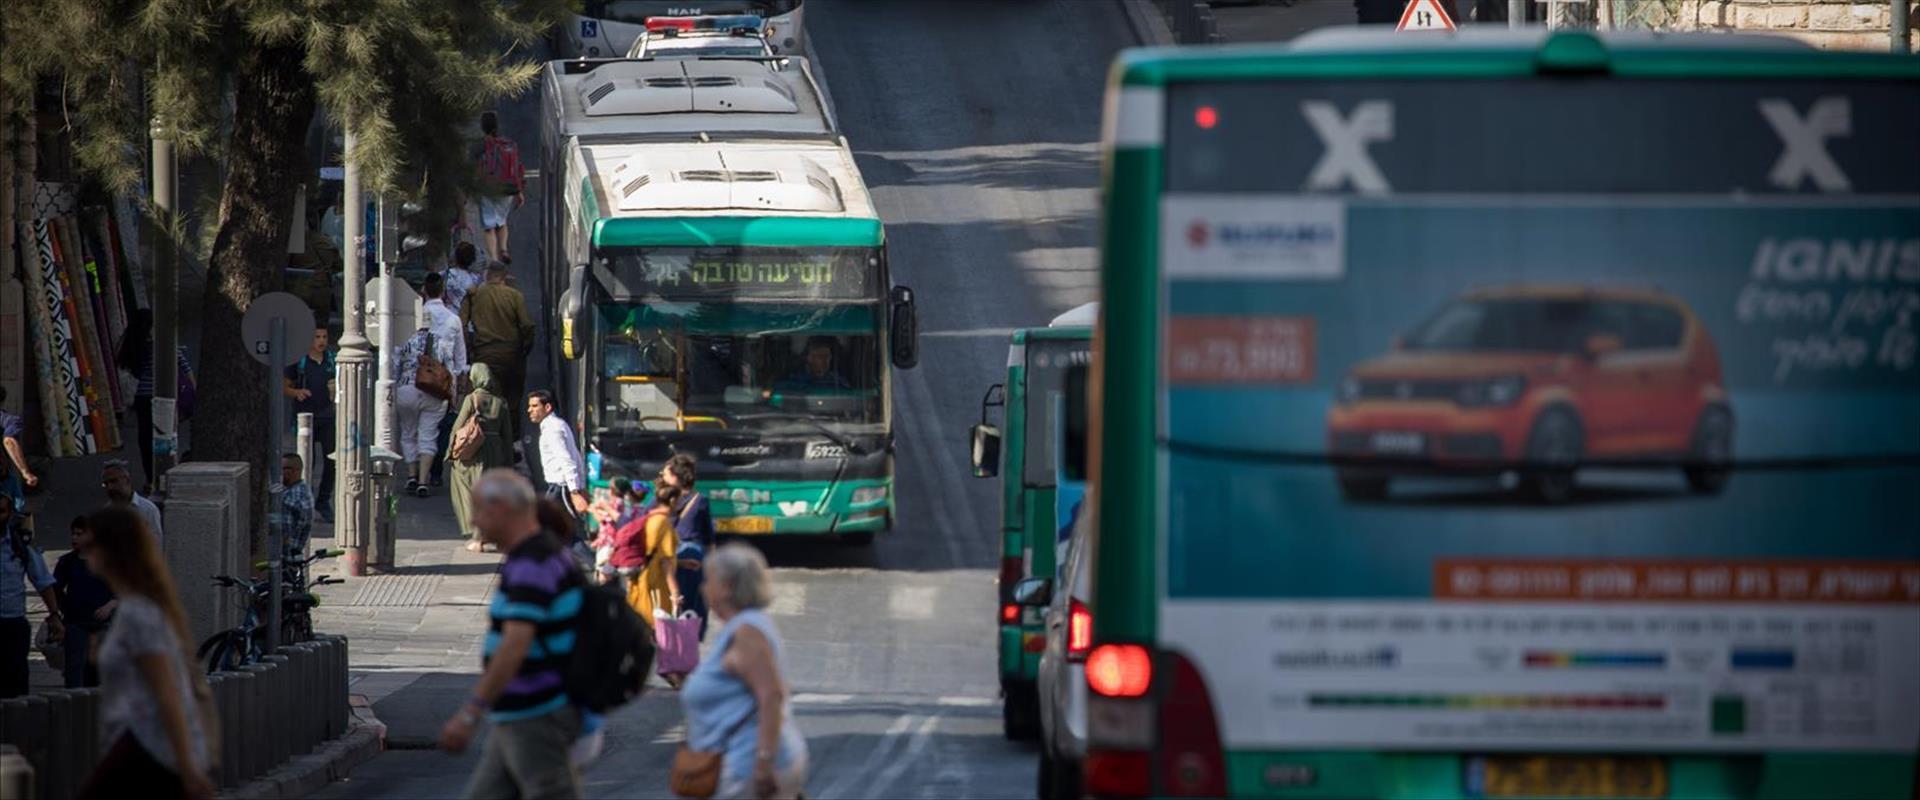 אוטובוסים בירושלים